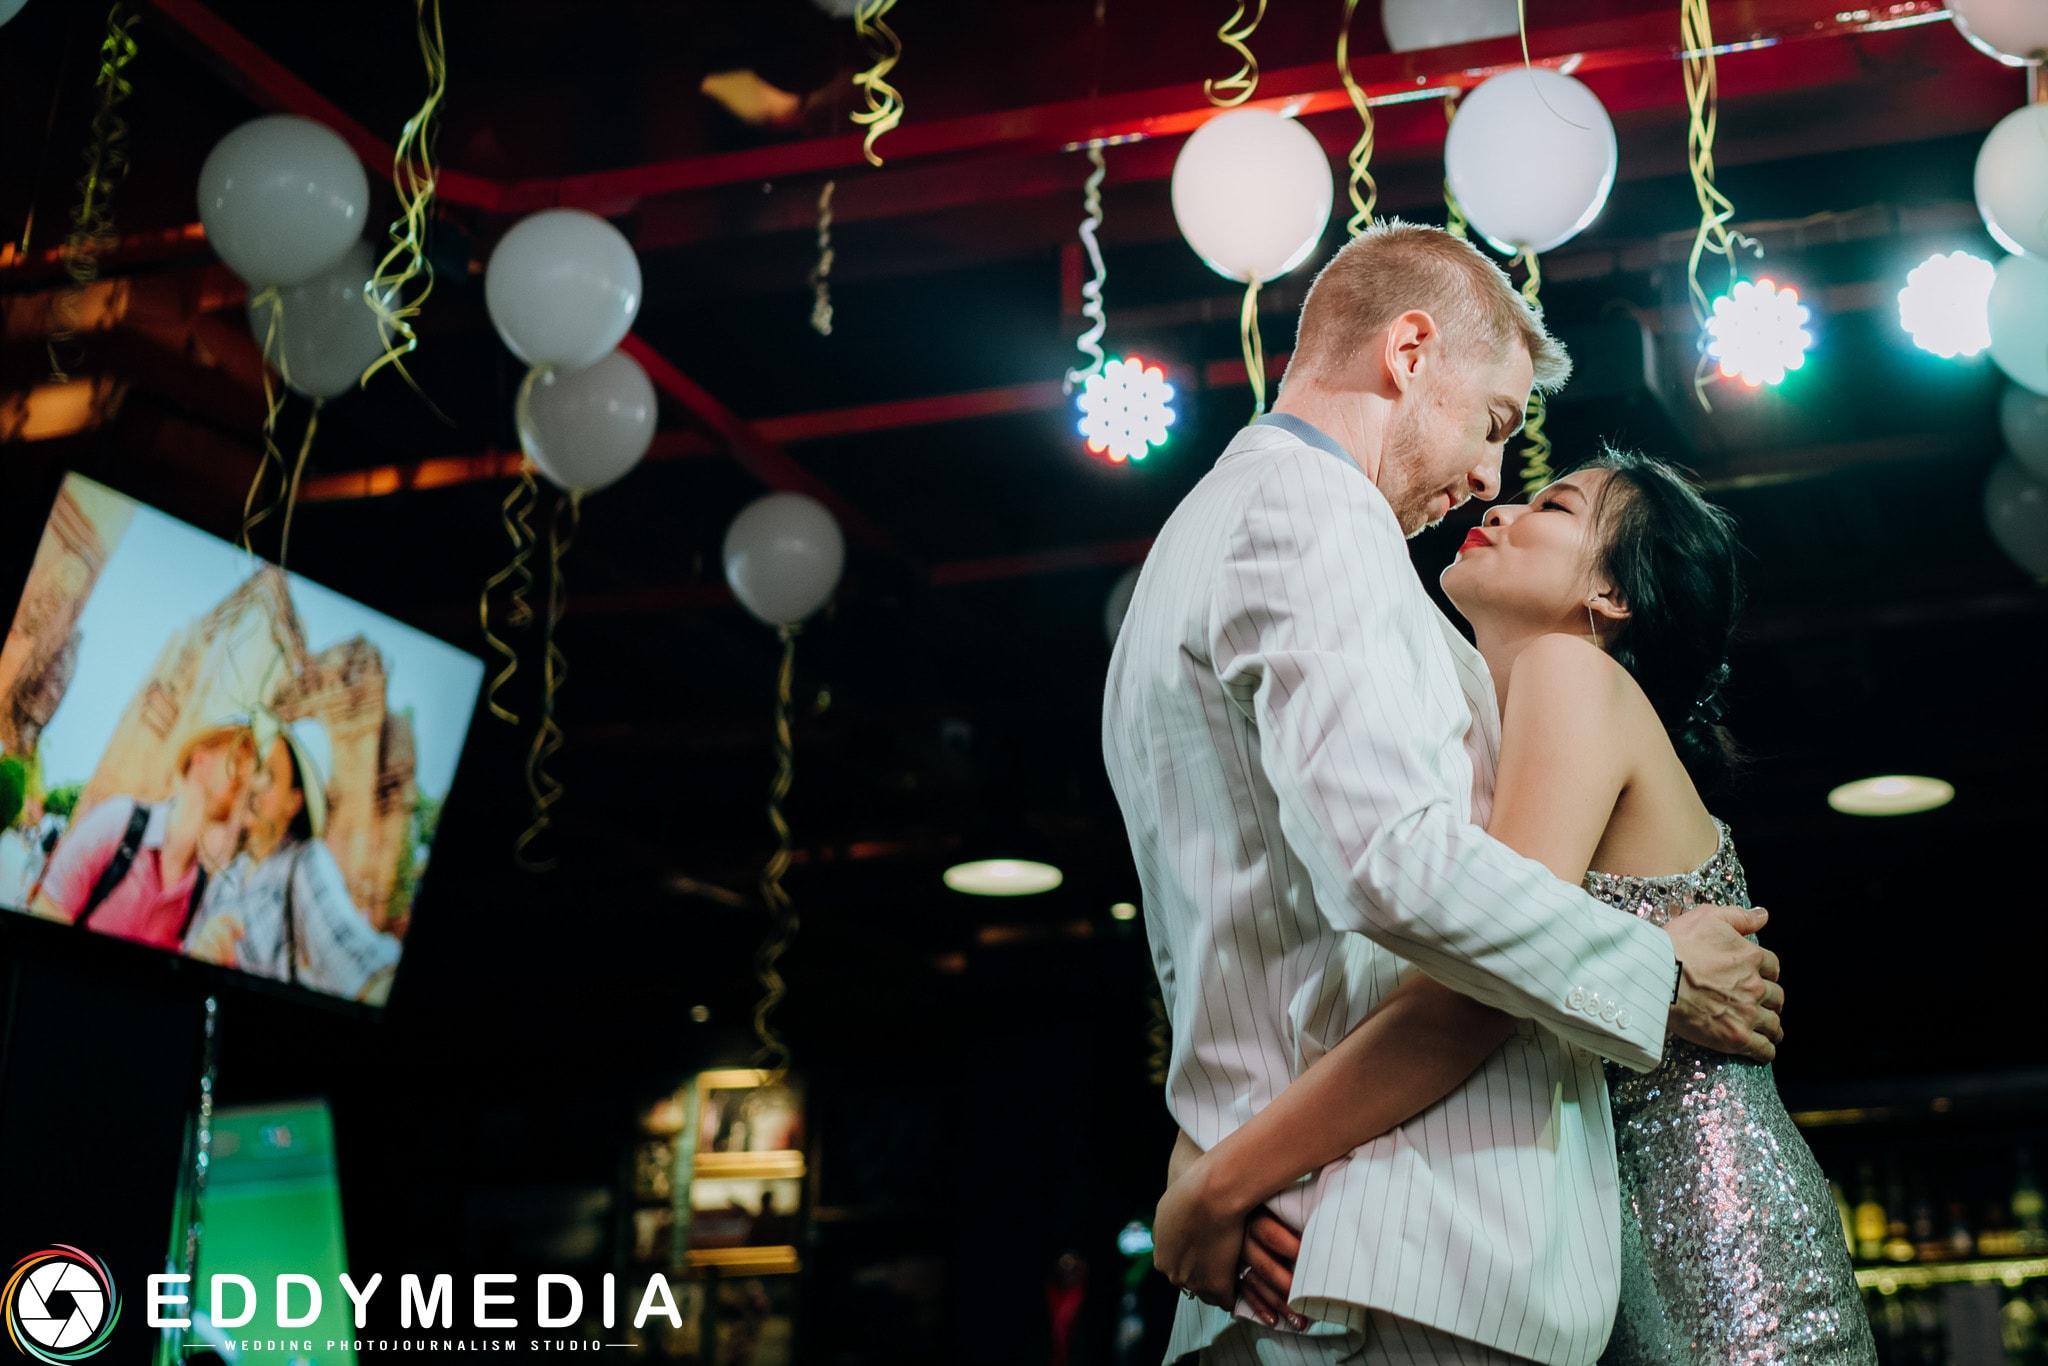 Phongsucuoi Henrik HongYen EddyMedia 48 quay phóng sự cưới,phóng sự đám cưới,dịch vụ quay phim chụp ảnh đám cưới,chụp ảnh quay phim đám cưới